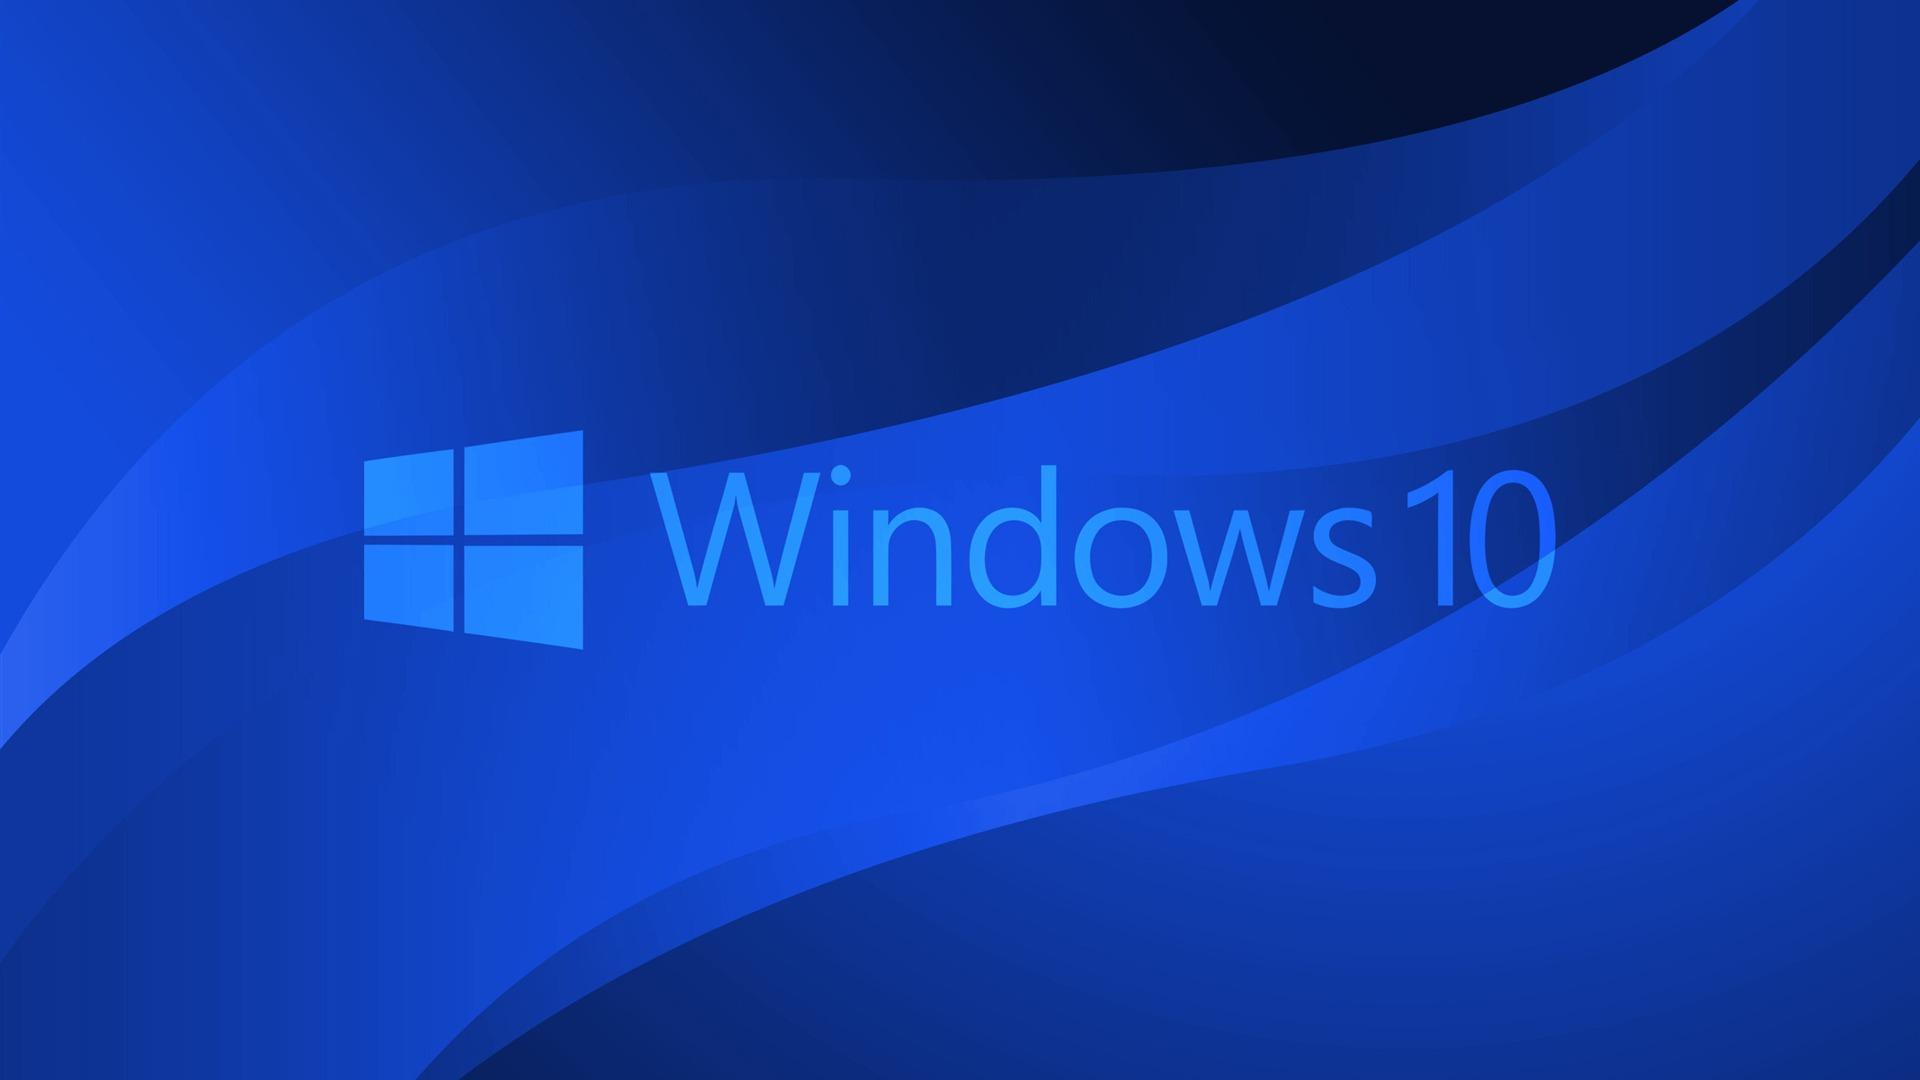 Windows 10高清主题桌面壁纸预览 10wallpaper Com